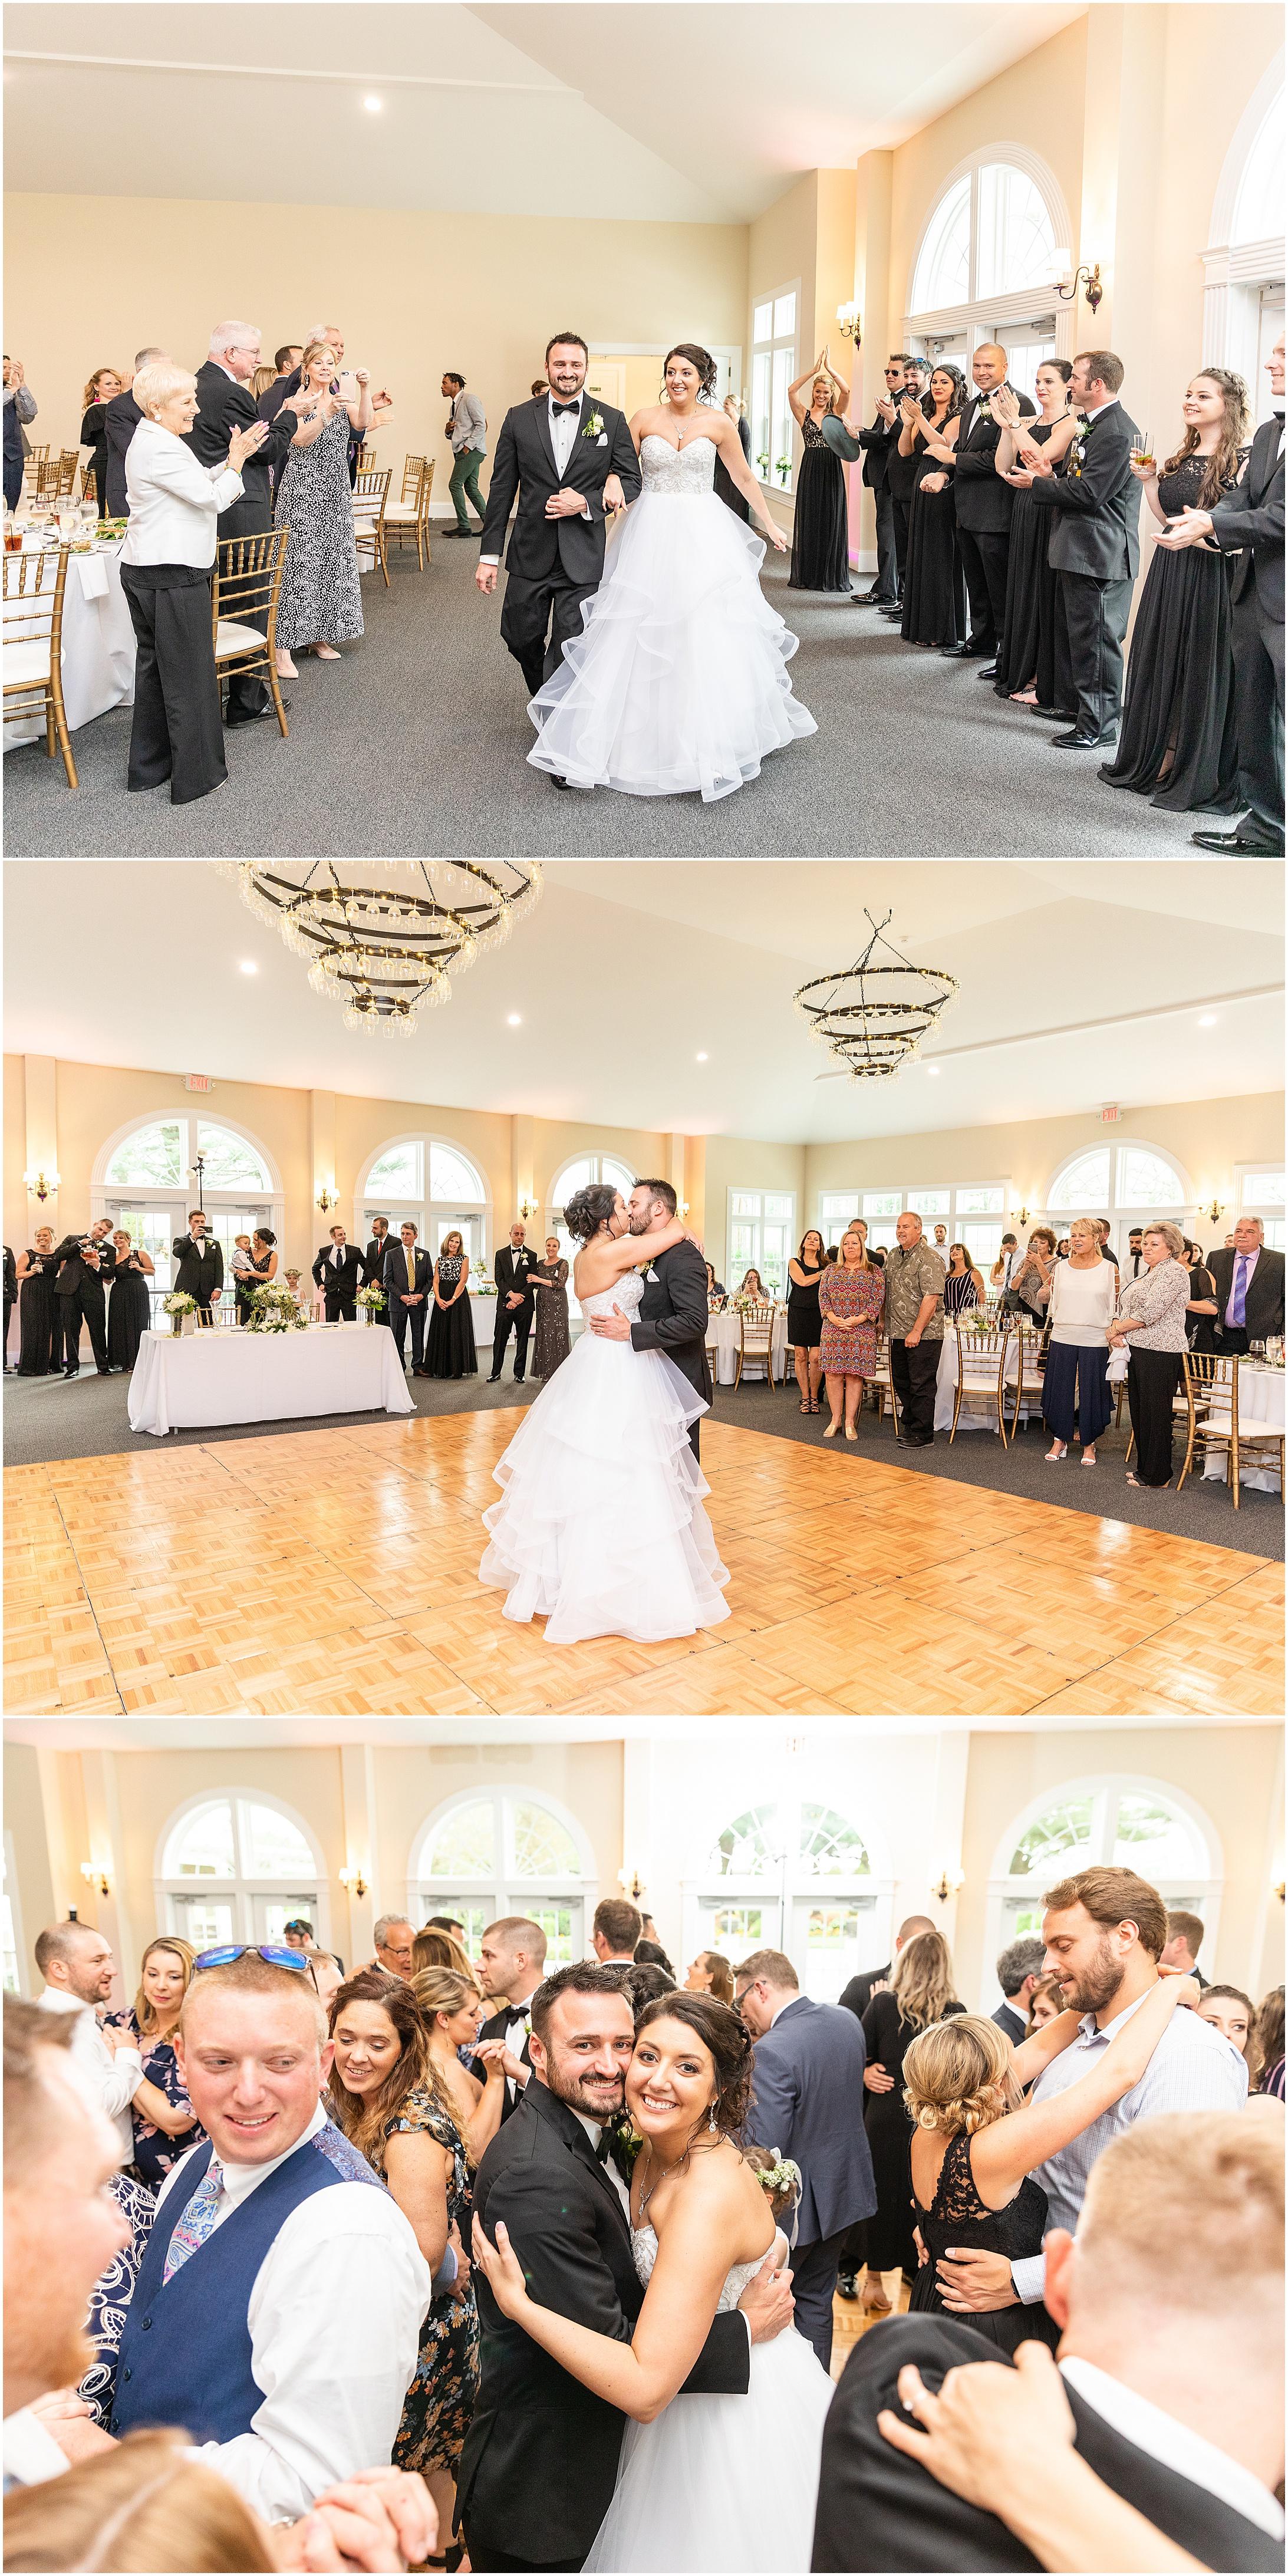 Stone-manor-country-club-wedding-photos-164.jpg